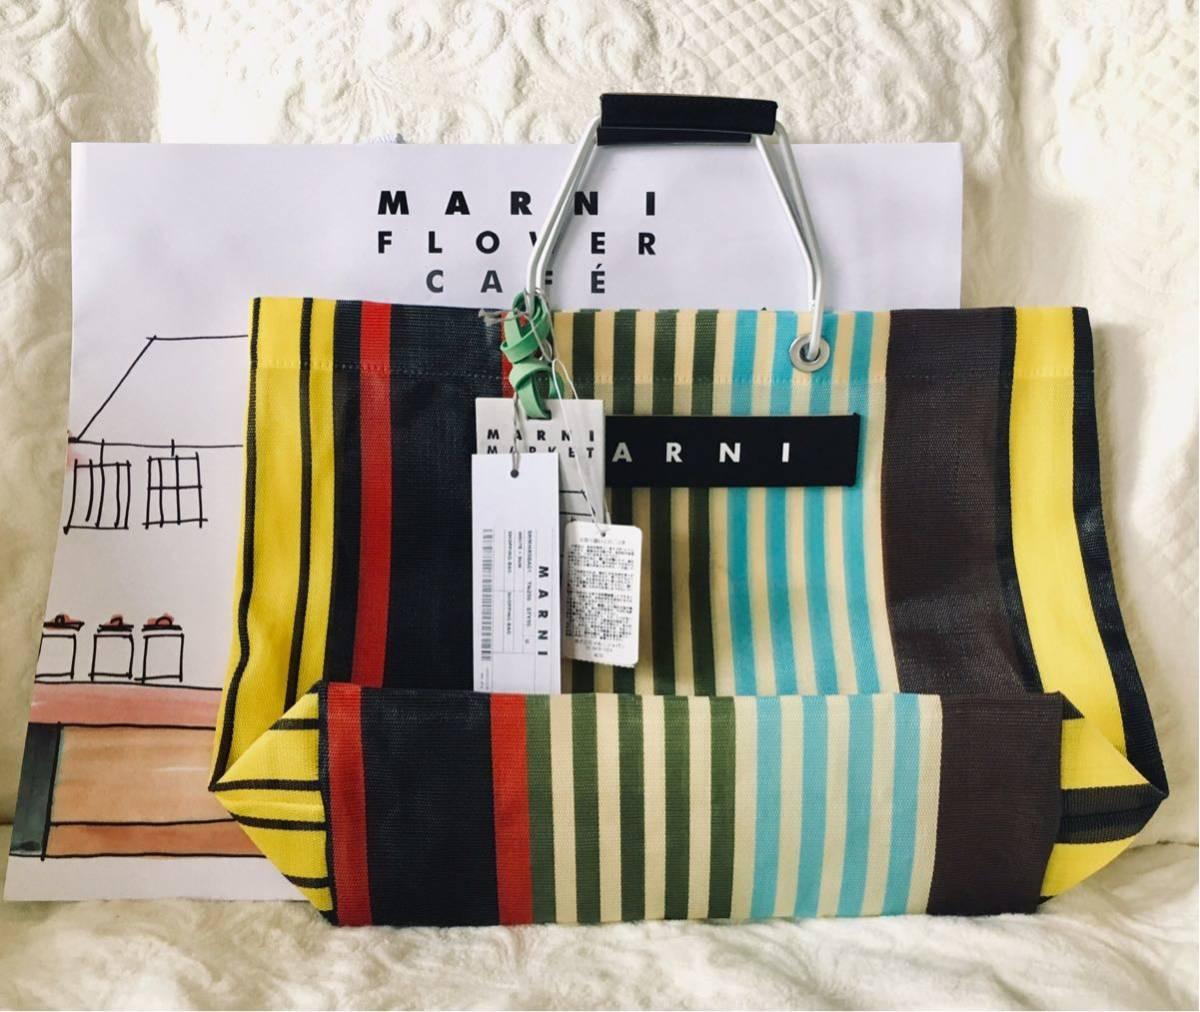 新品 タグ付き★MARNI マルニ フラワーカフェ ストライプ トート バッグ★マルチイエロー(保存袋&ショッパー)